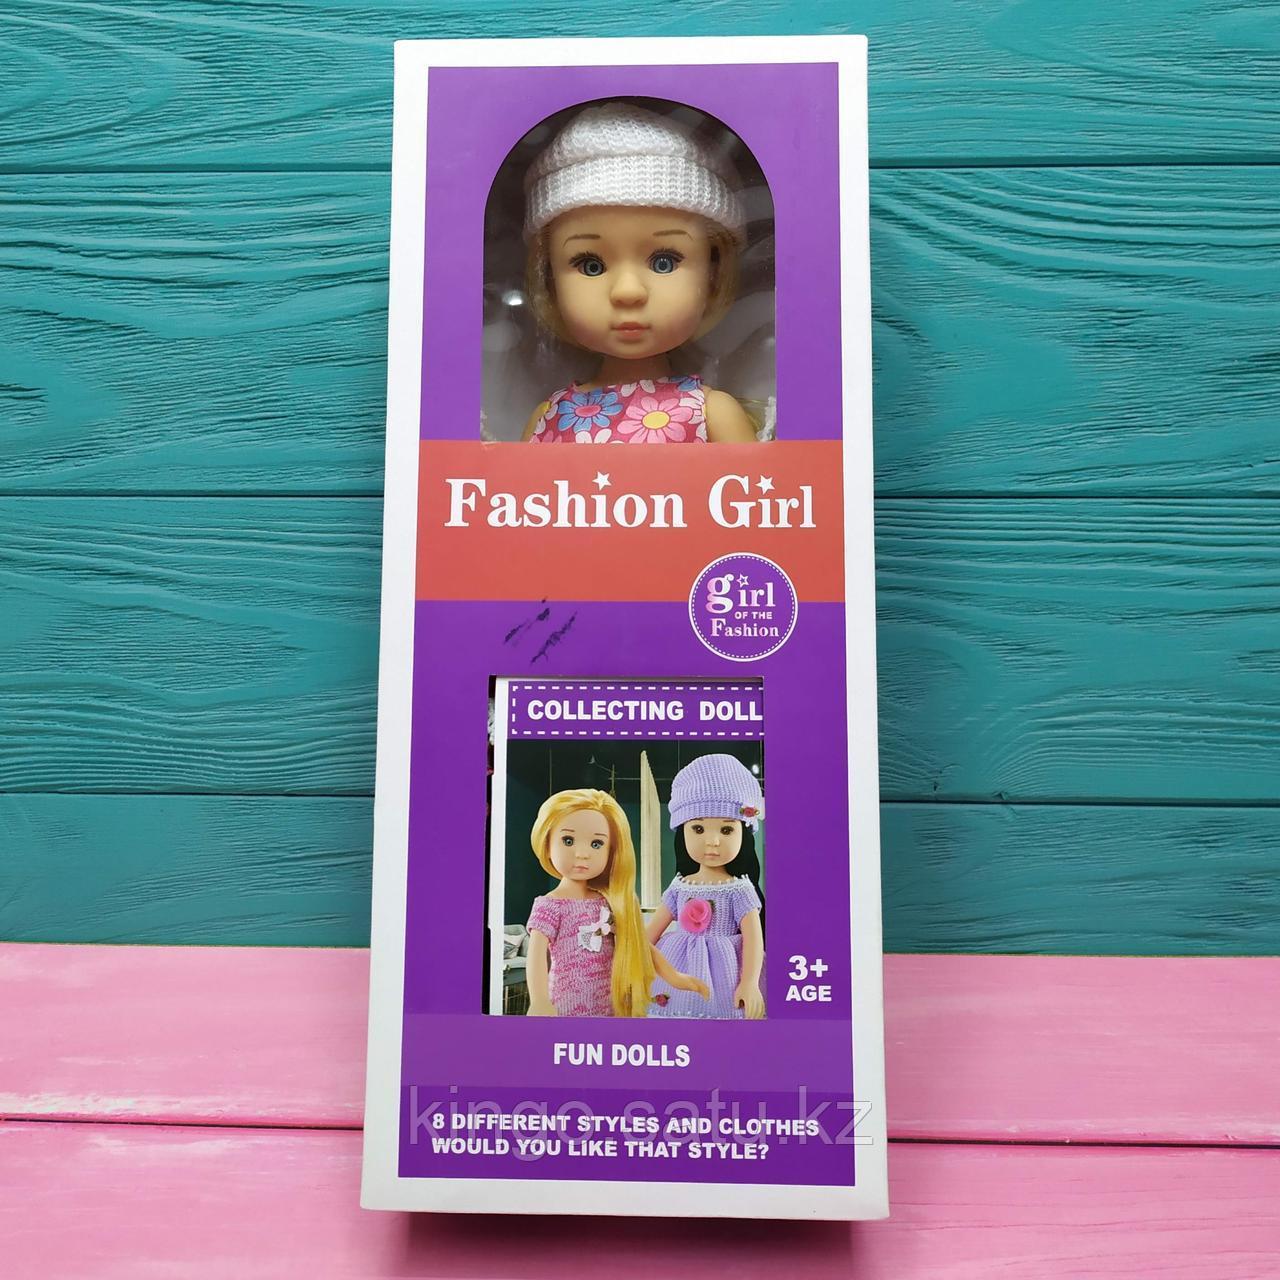 Кукла в платье Fashion girl 8 different styles